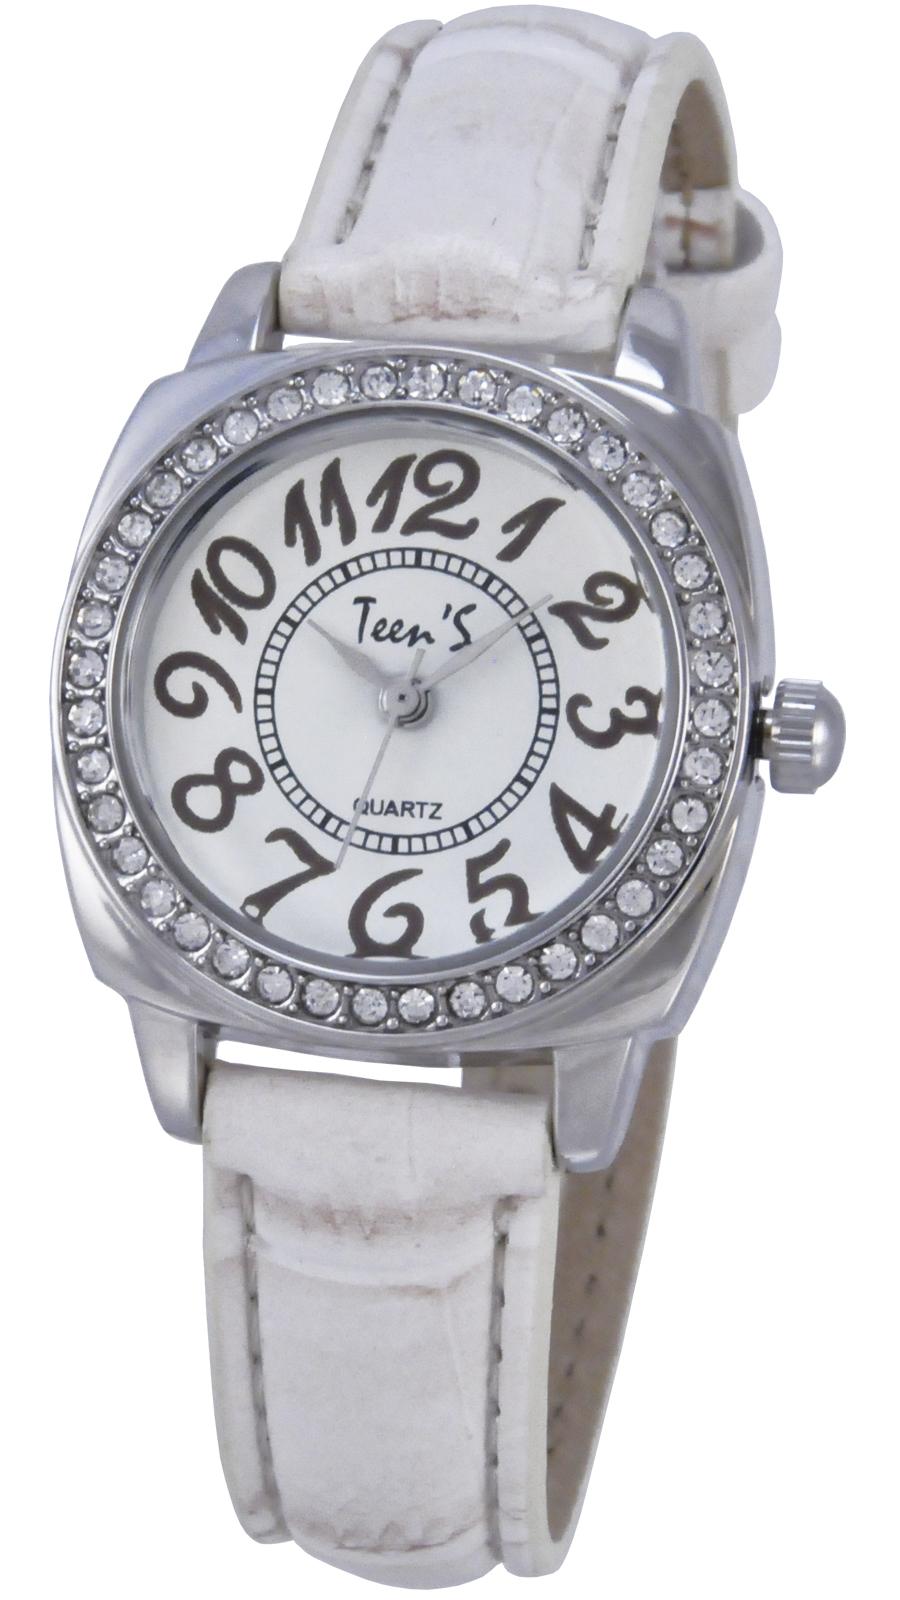 Часы Тик-Так Н119, бежевый11347Наручные часы Тик-Так Teen'S Collection предназначены для подростков 9-15 лет, но могут подойти и взрослым людям, поскольку имеют стильный и привлекательный дизайн. У часов металлический корпус, стальная задняя крышка, минеральное стекло и мягкий ремешок, изготовленный из искусственной кожи. В часы установлен надежный японский механизм TMI PC21, который комплектуется сменной батарейкой типа SR626SW. Часы имеют брызгозащищенную конструкцию.